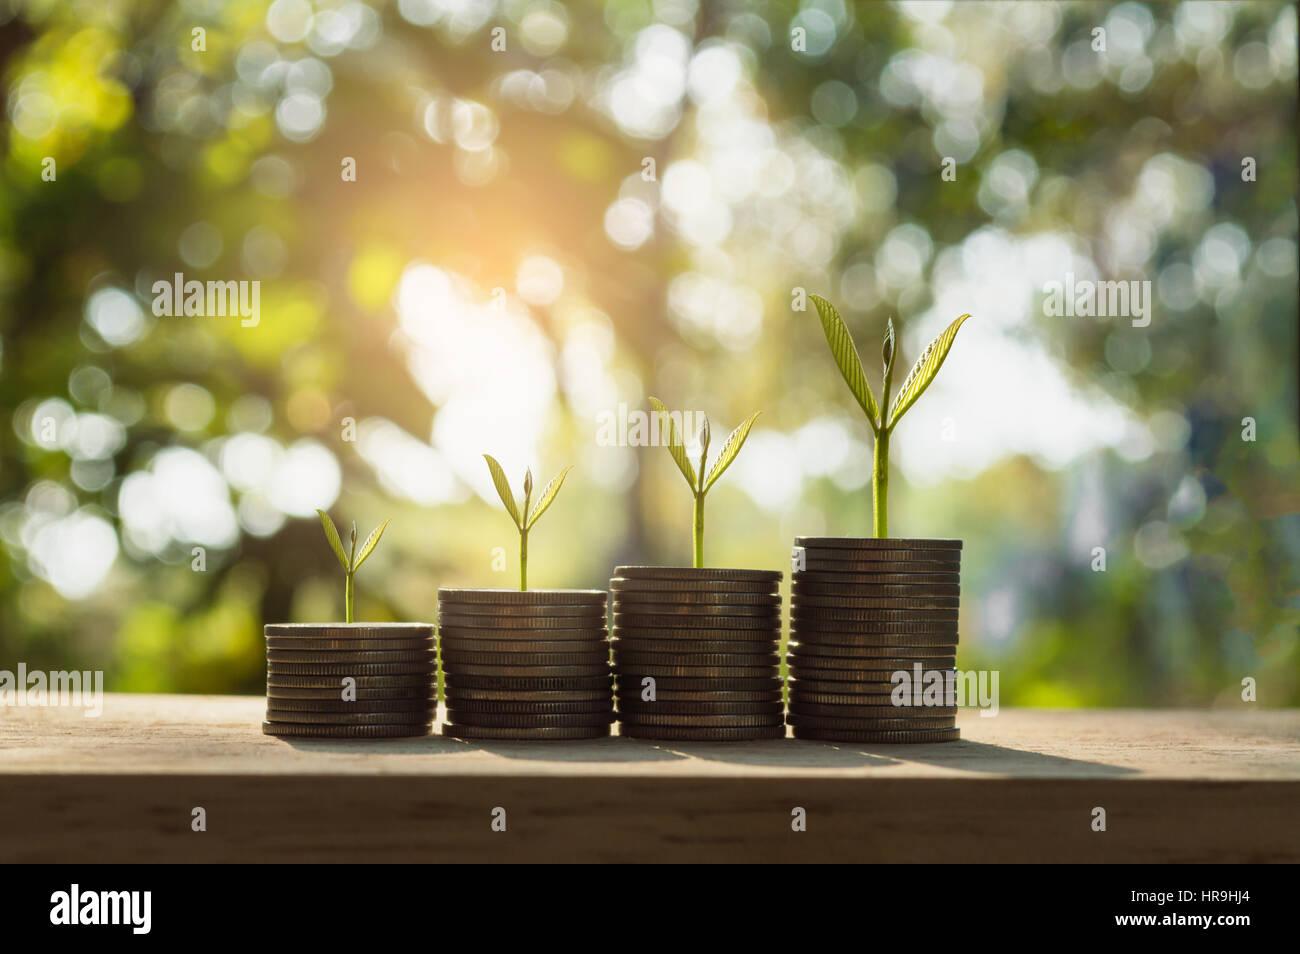 Pile de pièces en argent et arbre en concept de croissance des affaires. Banque D'Images